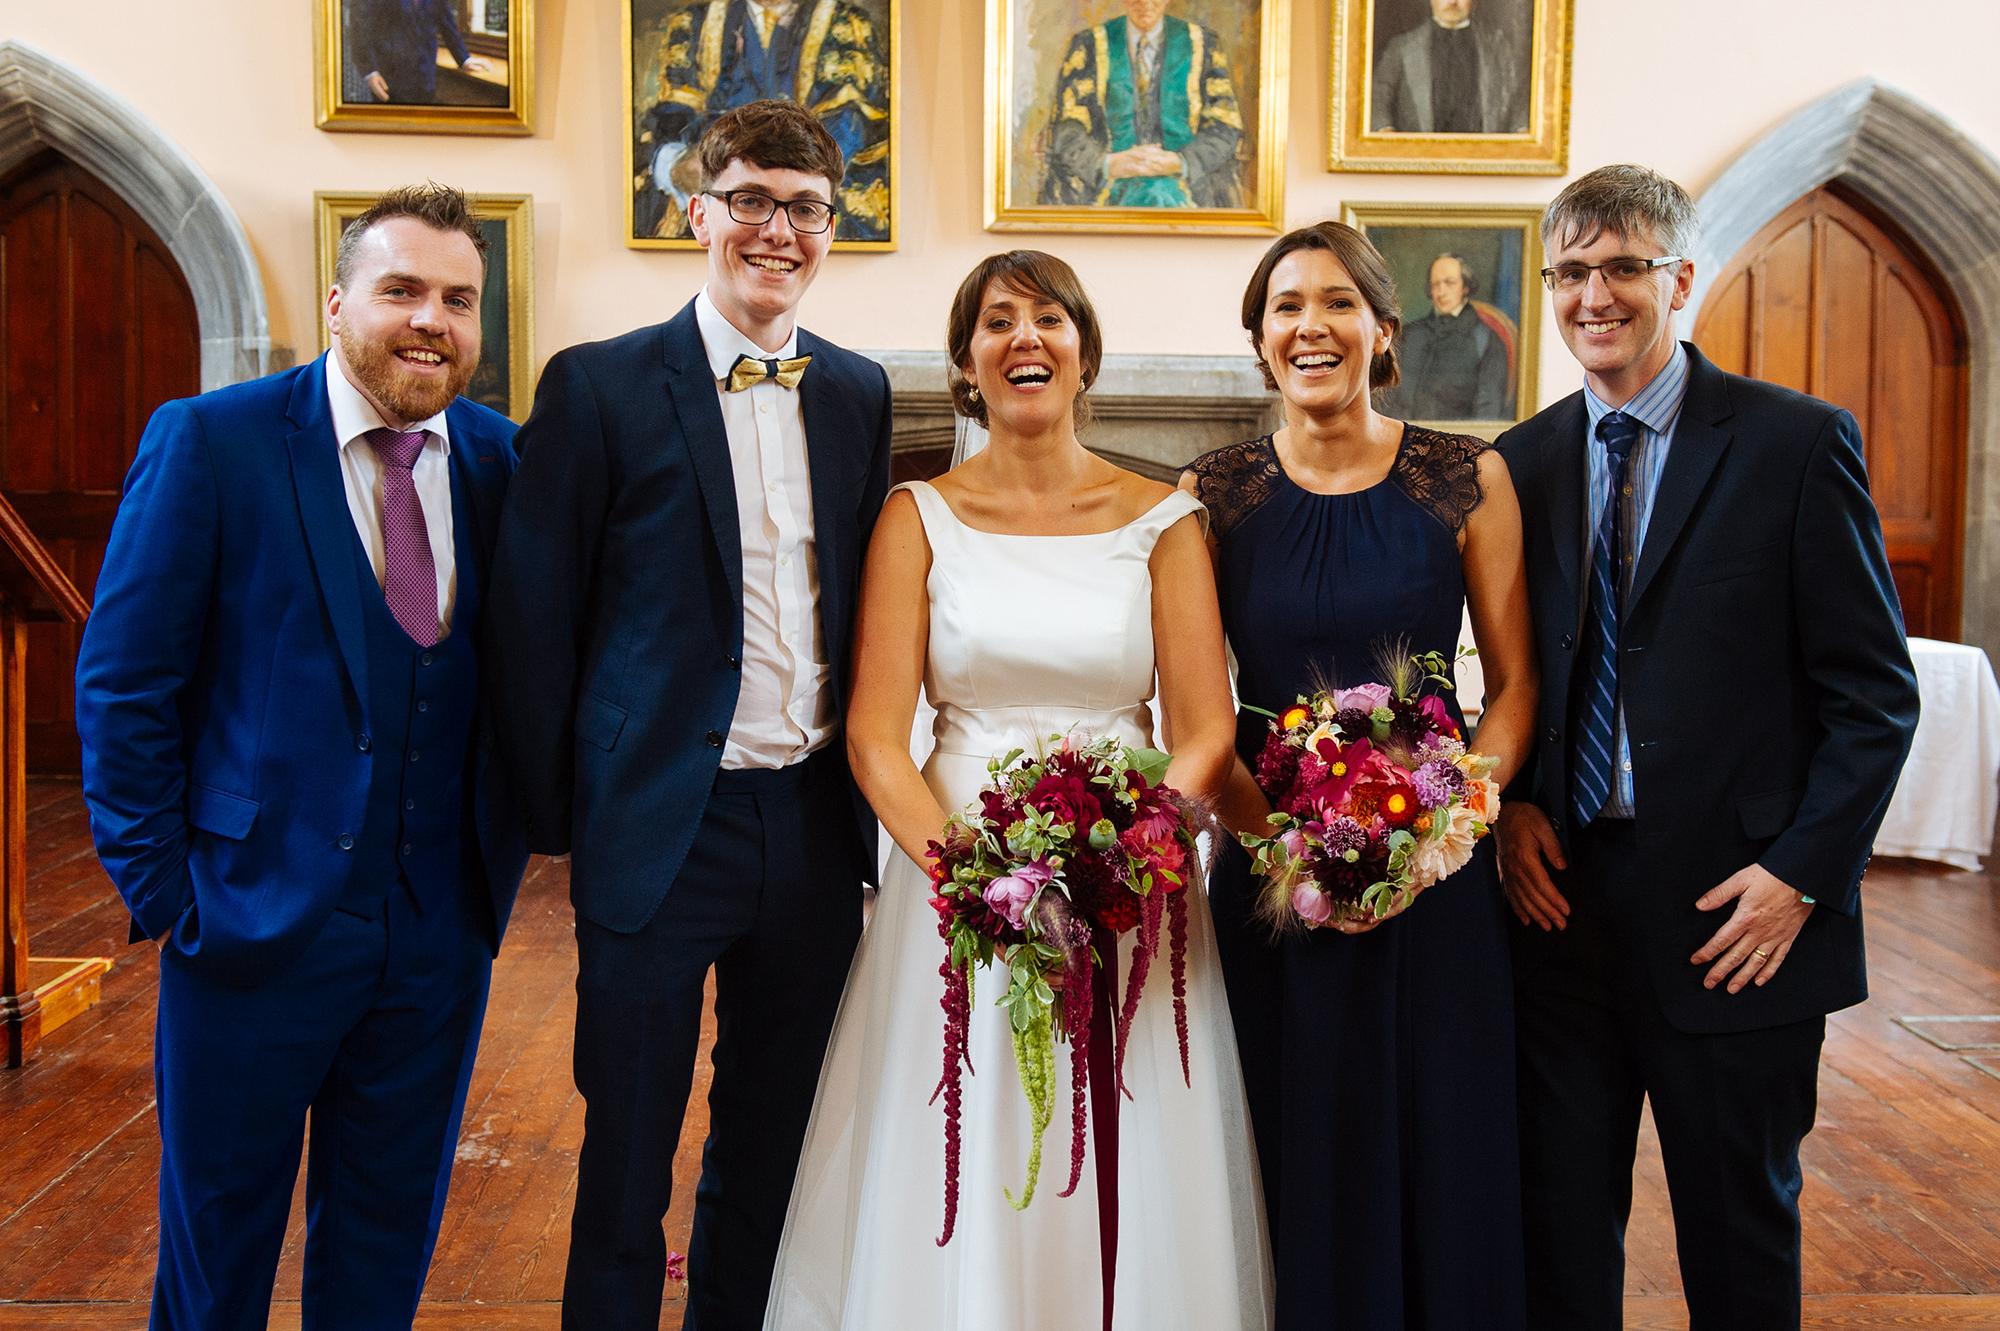 Aula Maxima UCC wedding